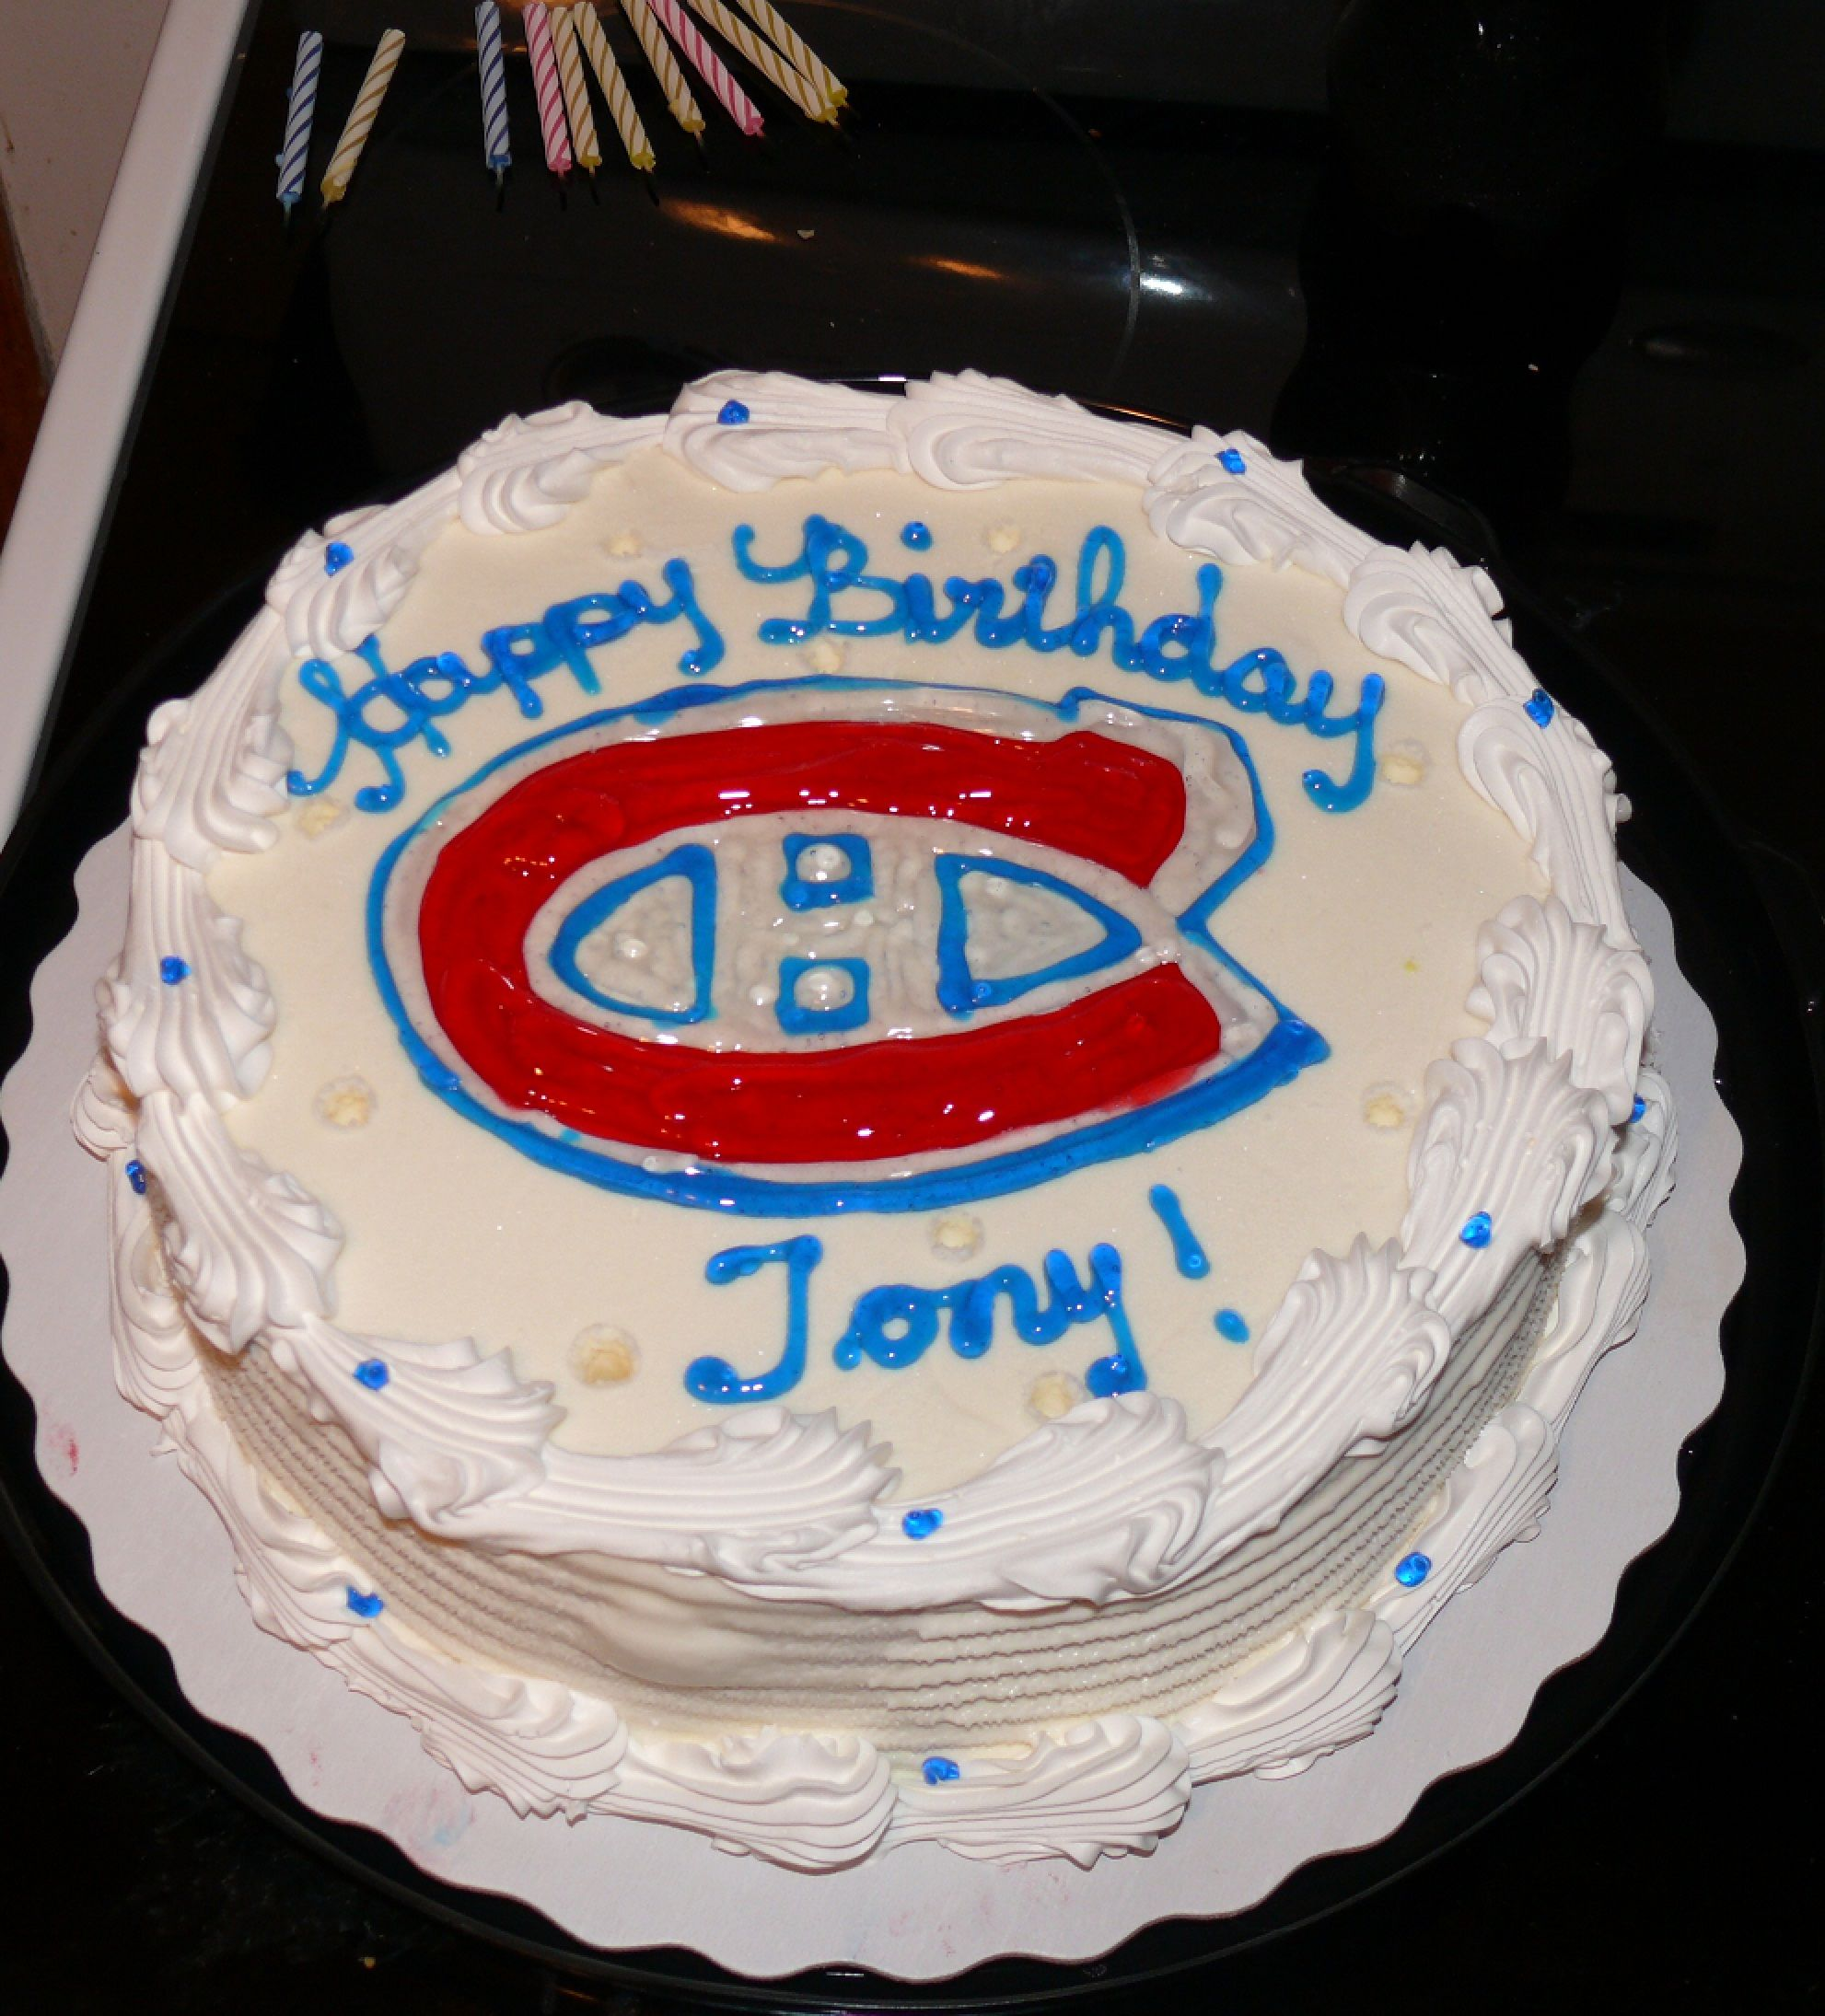 Tonys 33rd Birthday Cake